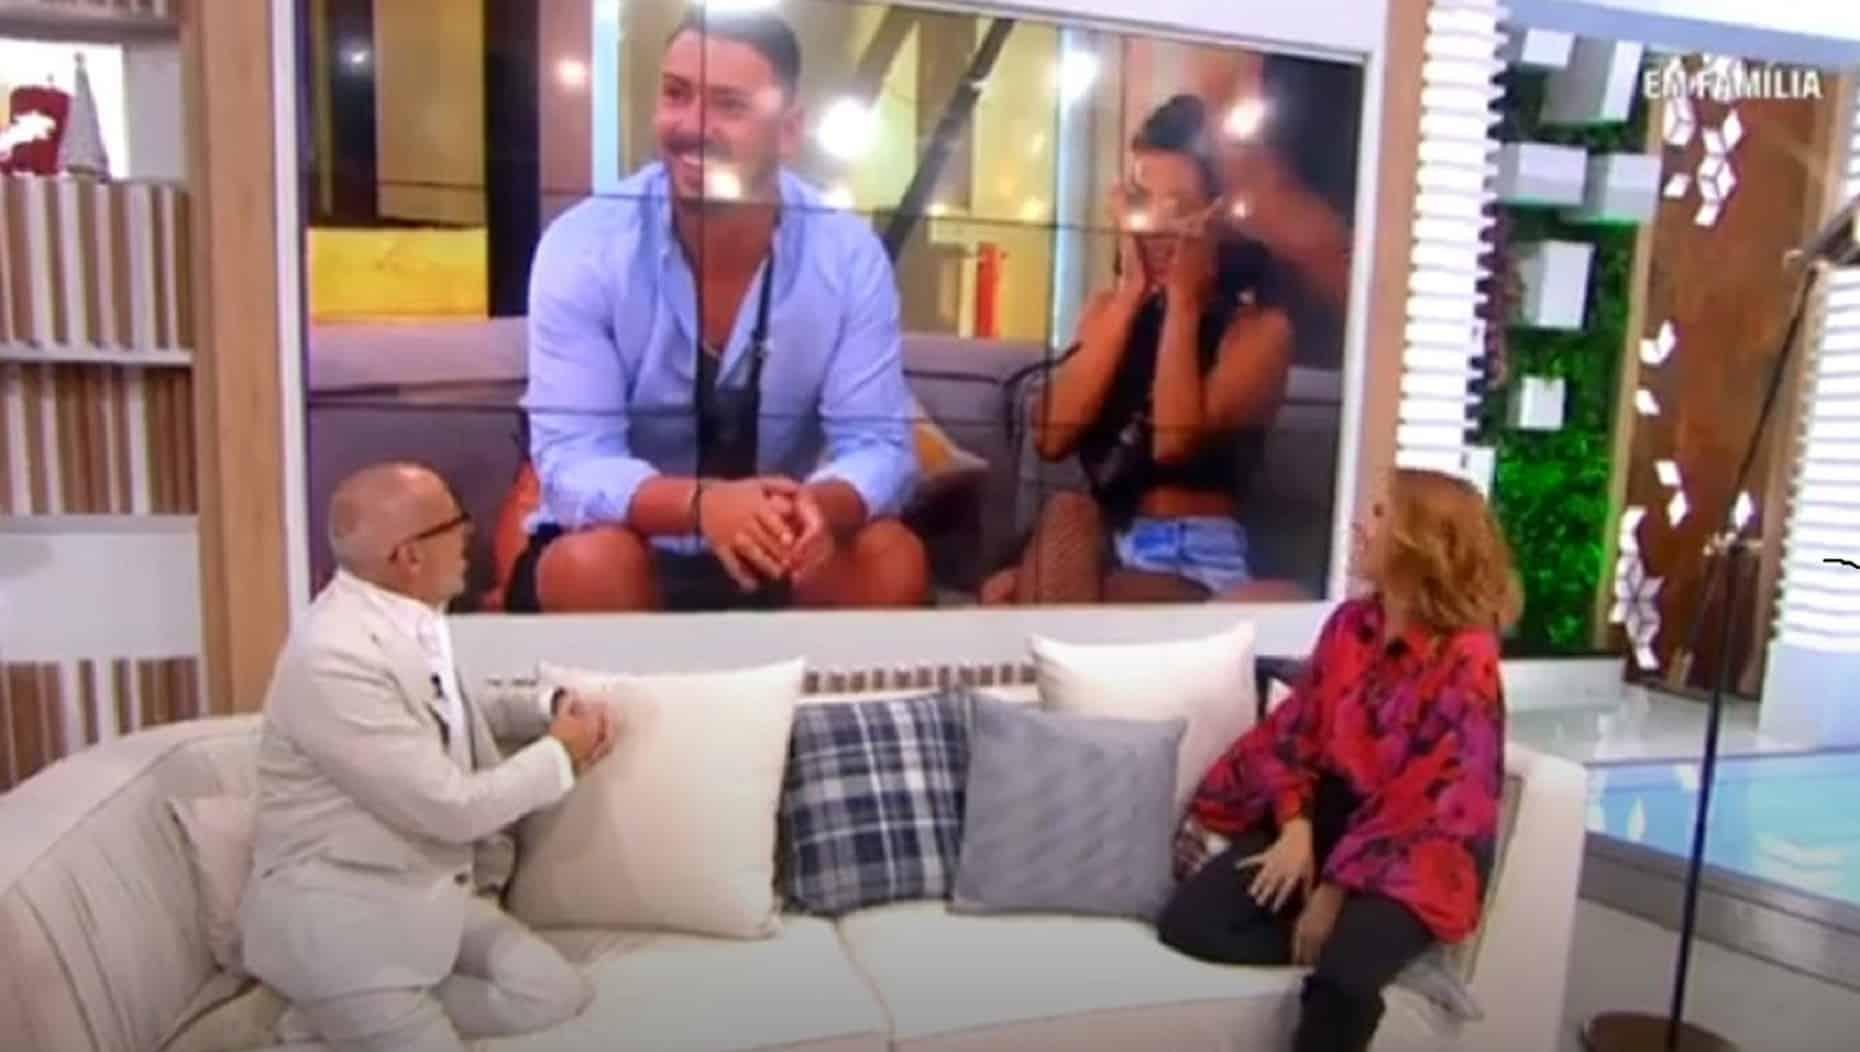 Goucha Cristina Ferreira Big Brother Em Família